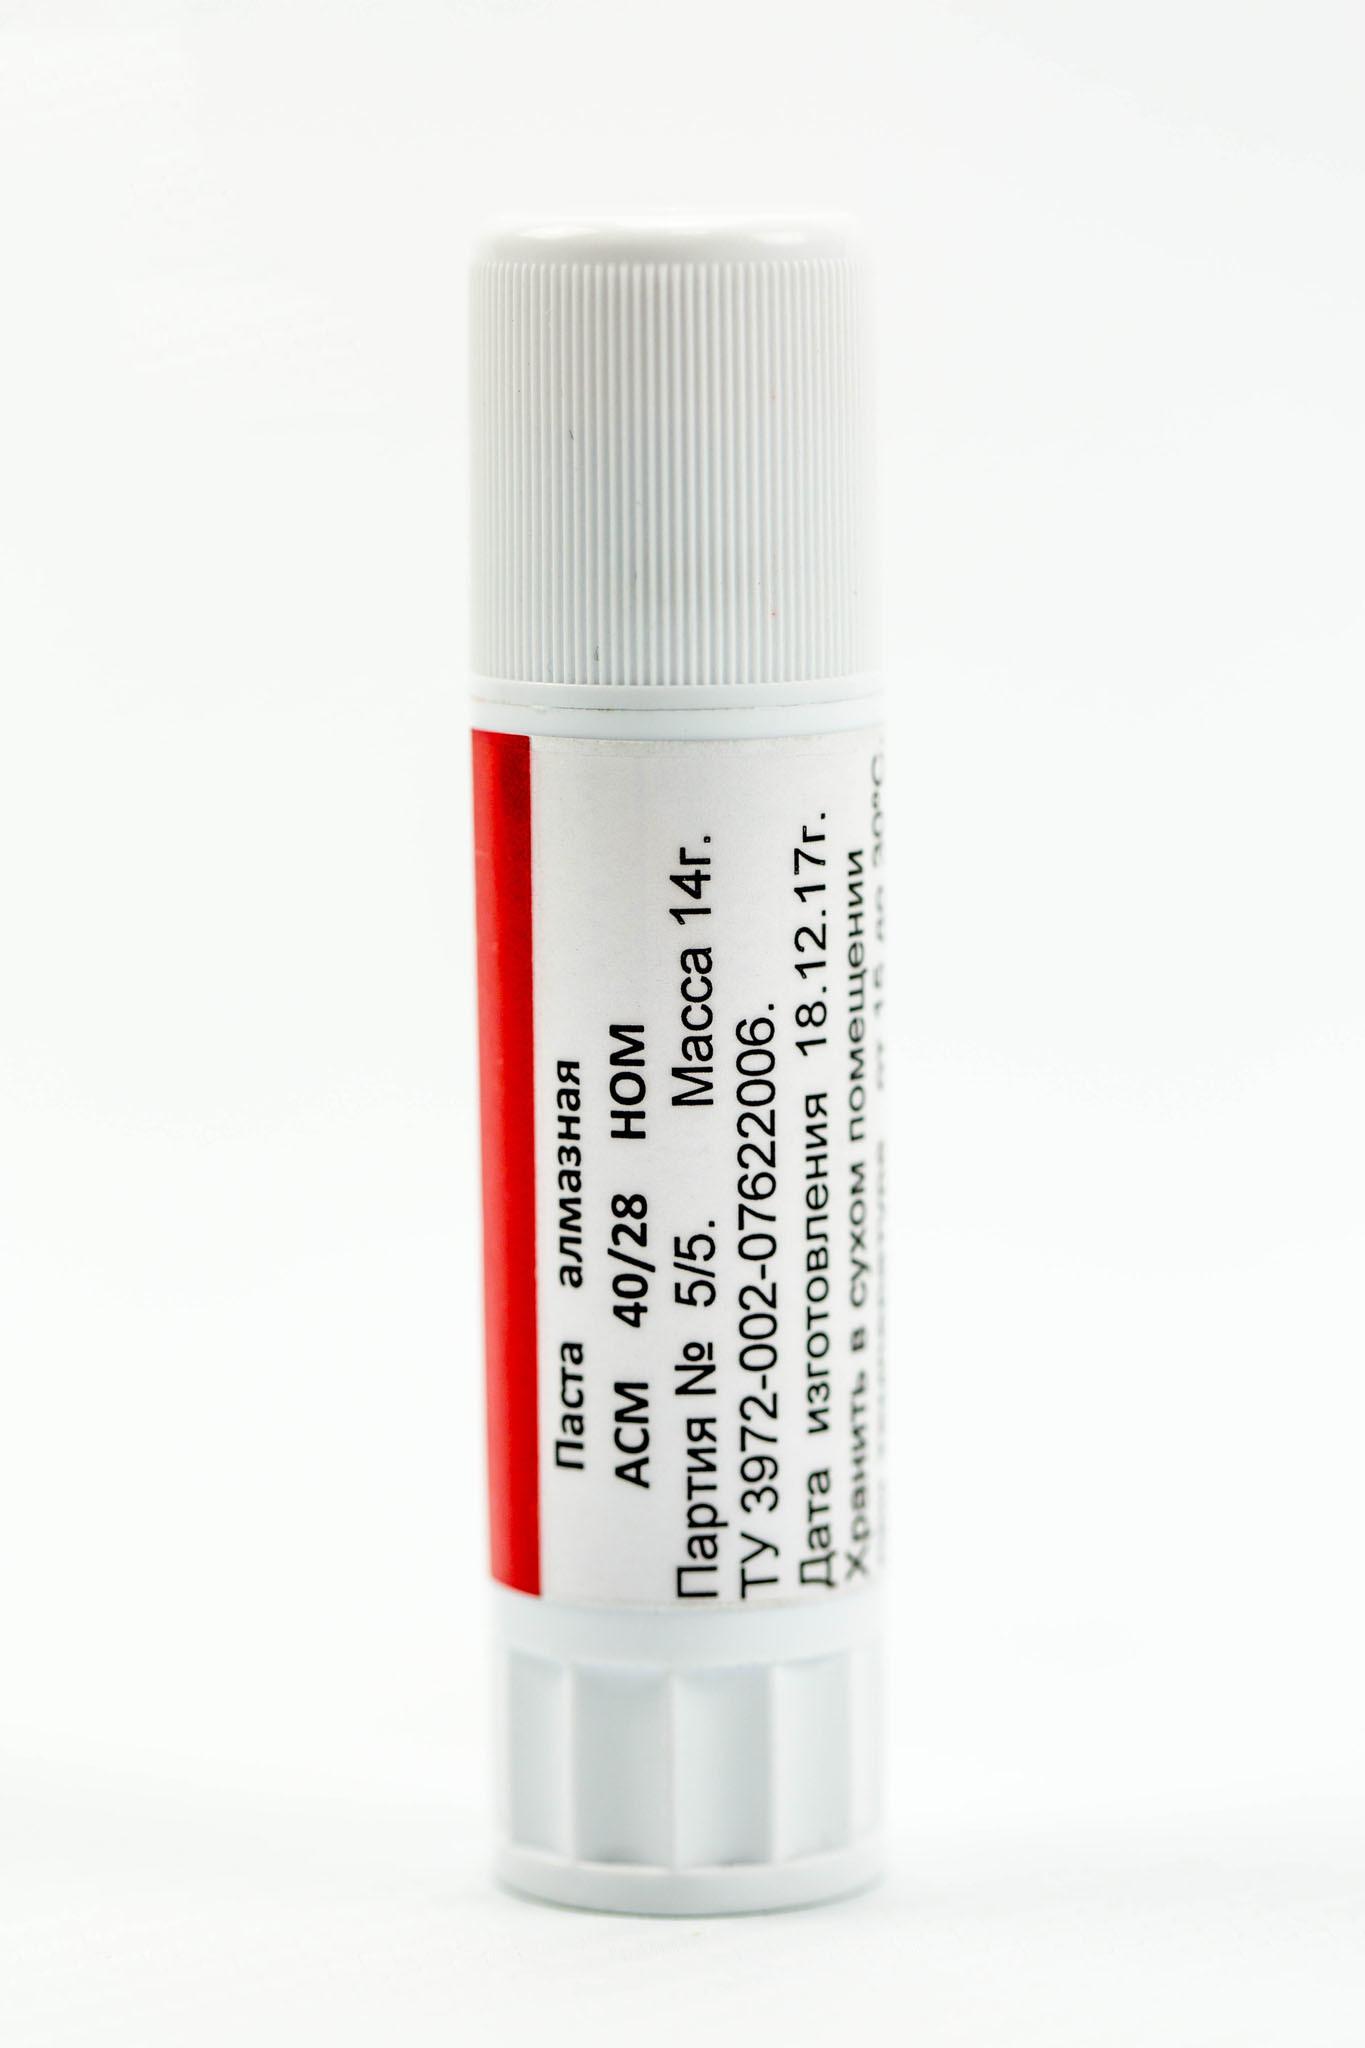 Алмазная паста HOM ACM 40/28, 14 гр. от Веневский  завод алмазных инструментов